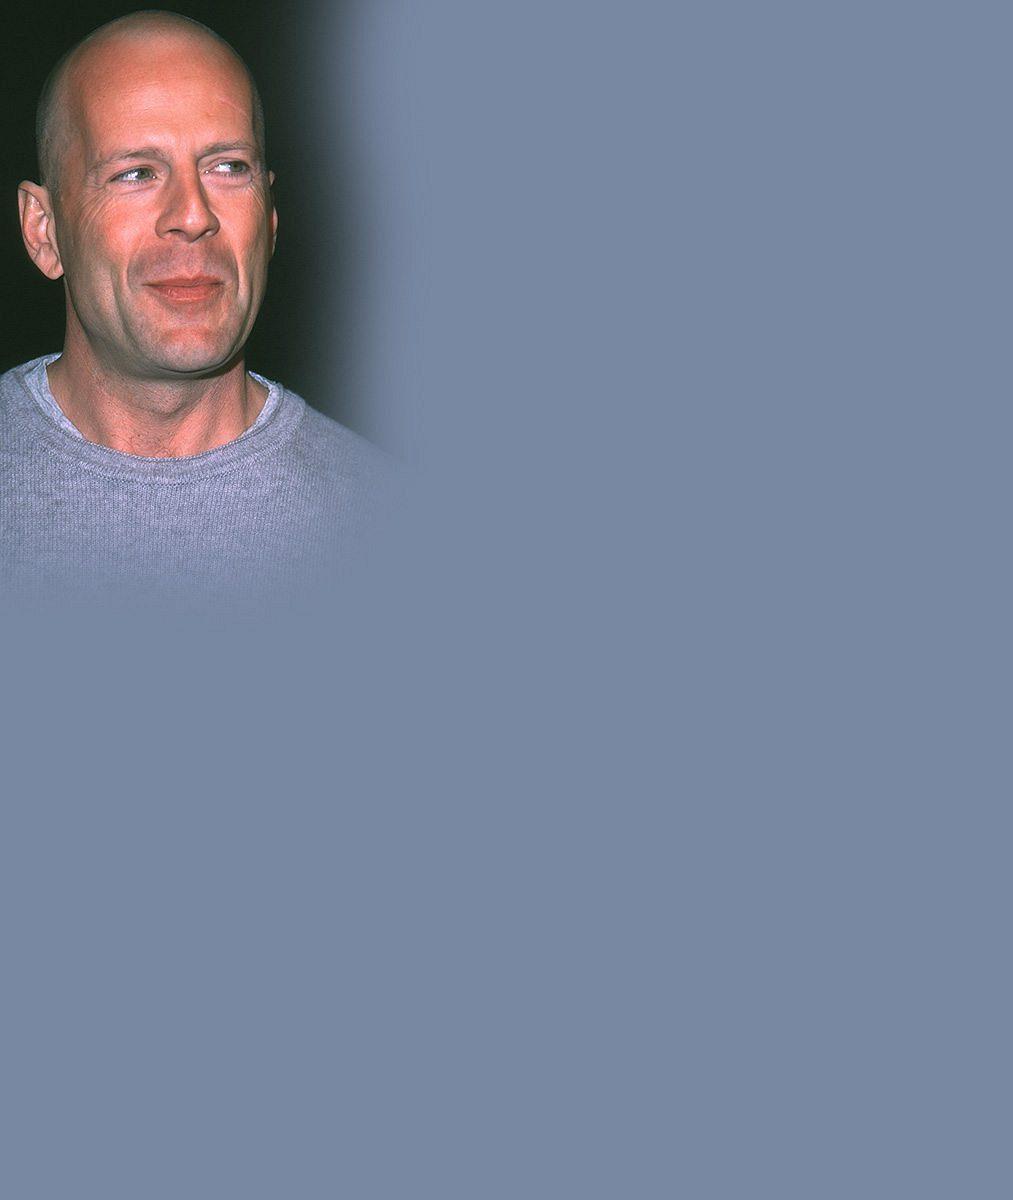 Bruce Willis (61) byl mezi plážovými kráskami jako dítě v hračkářství: Pak mu přijela manželka...